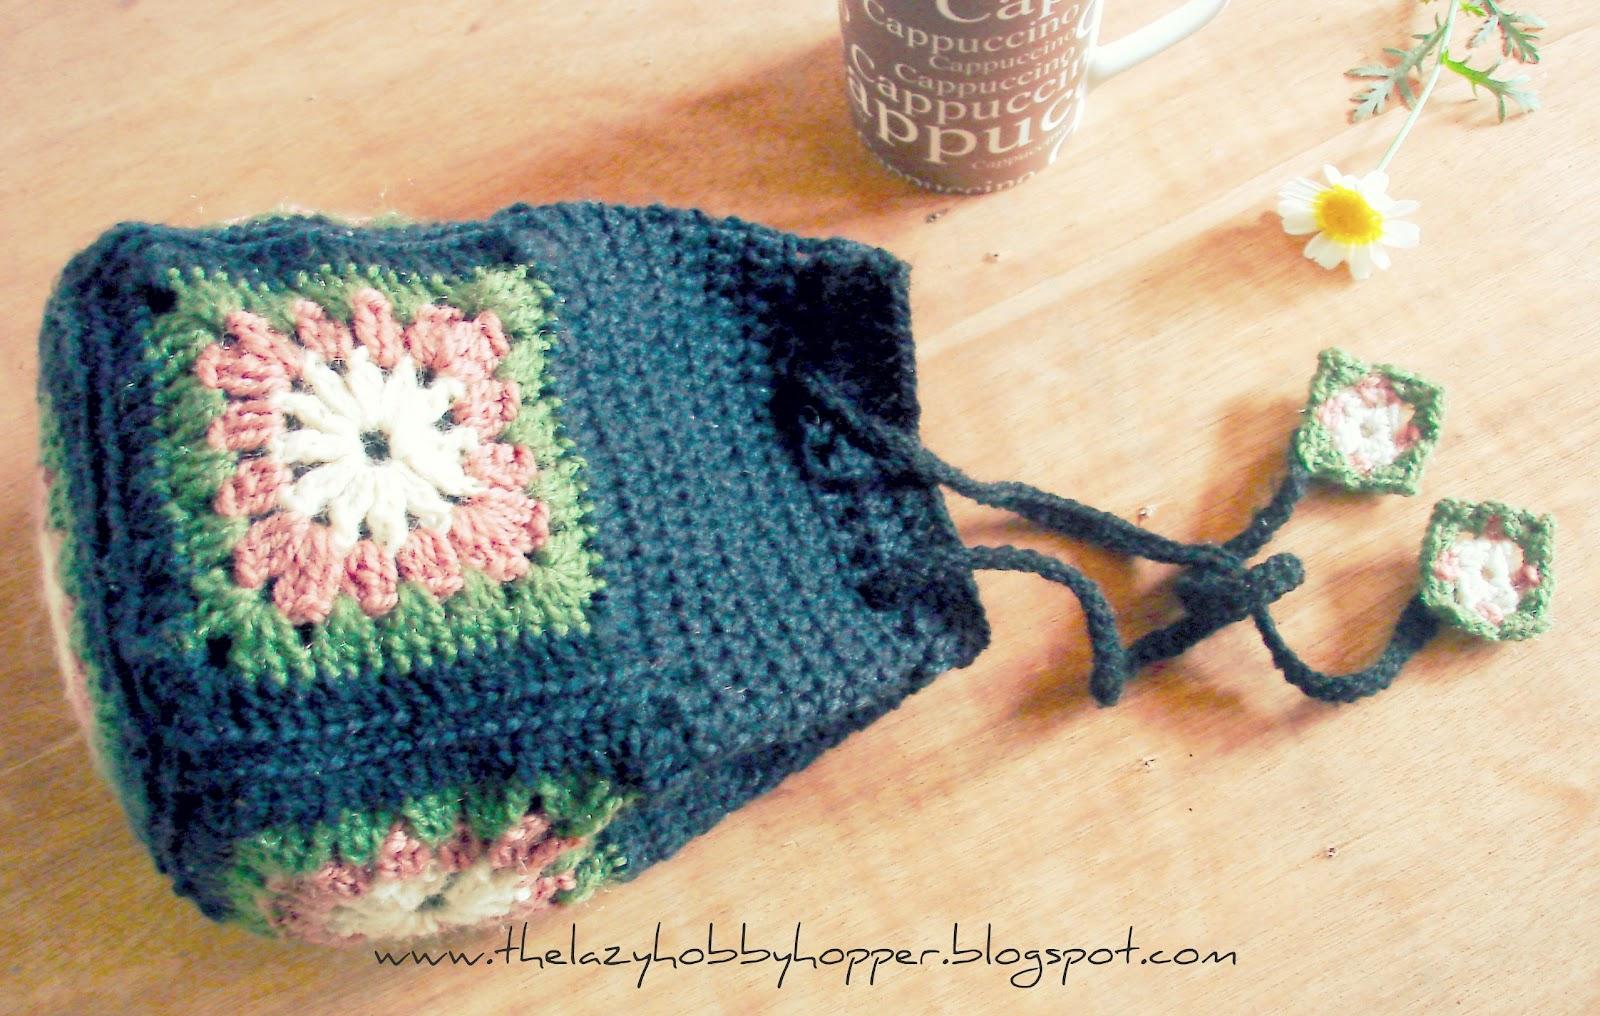 Roznamcha -Karguzari: The Lazy Hobbyhopper: Granny drawstring bag